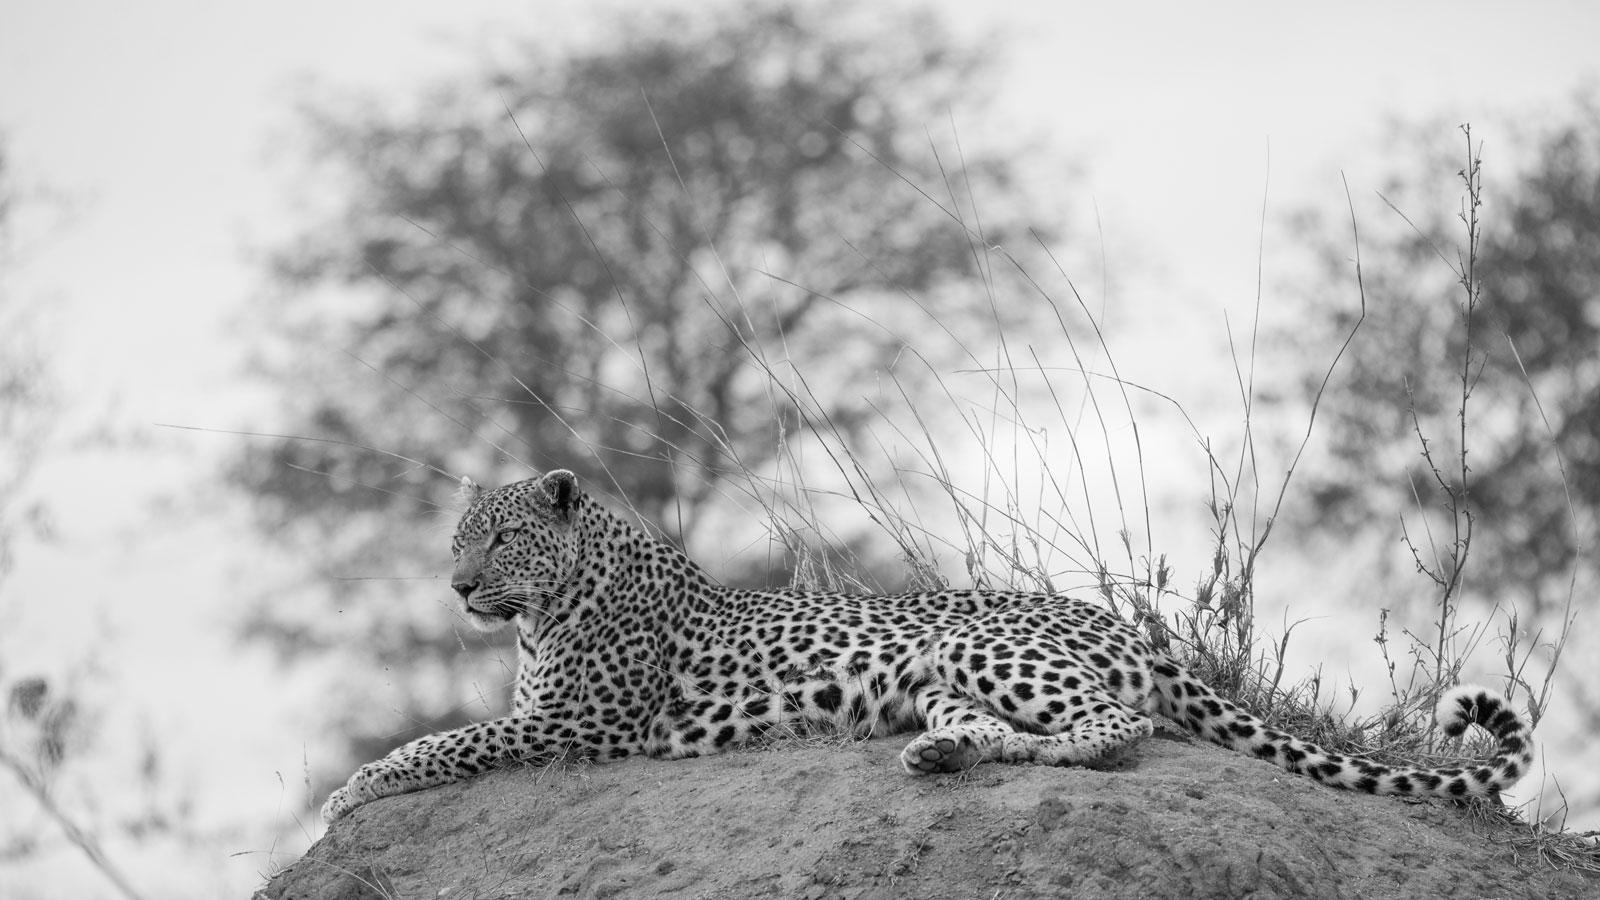 Big Five On Safari - Leopard